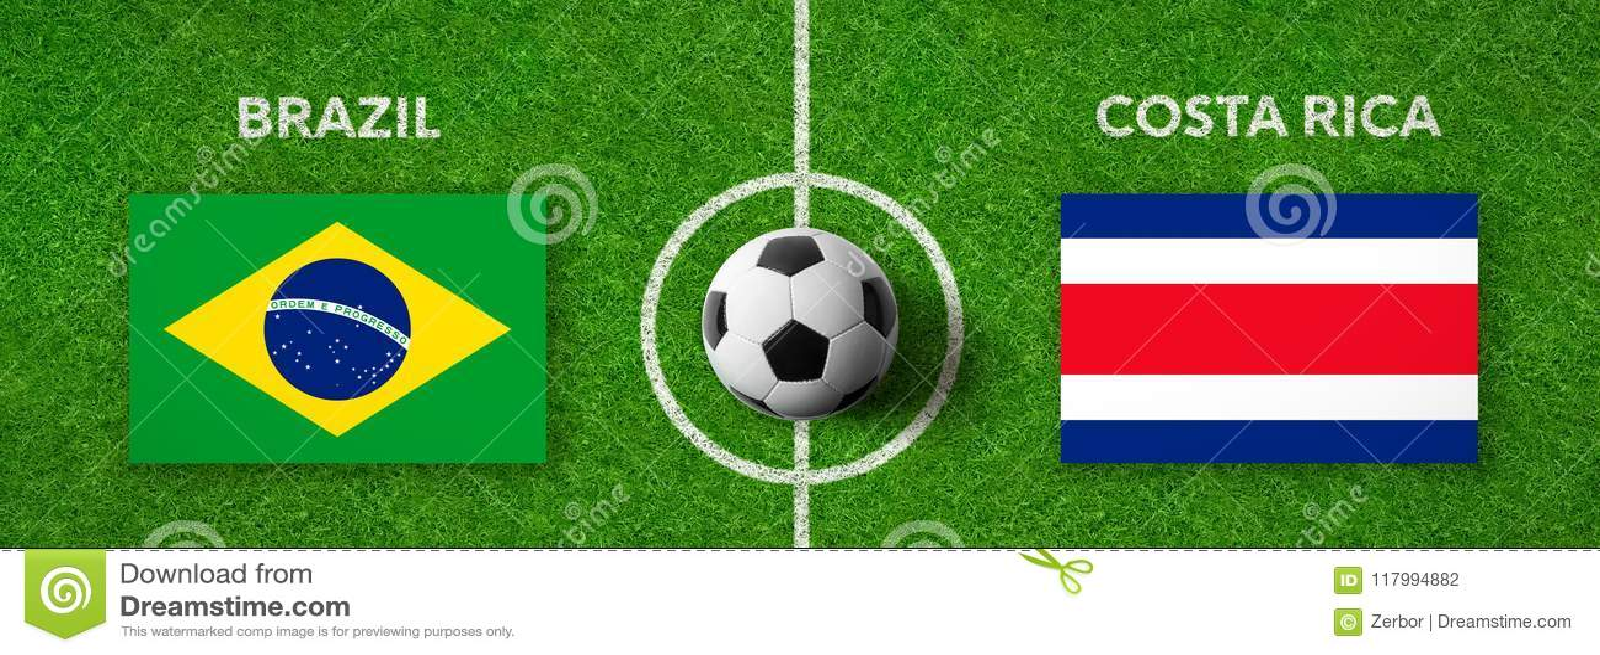 Fotbollsmatch Brasilien vs Costa Rica